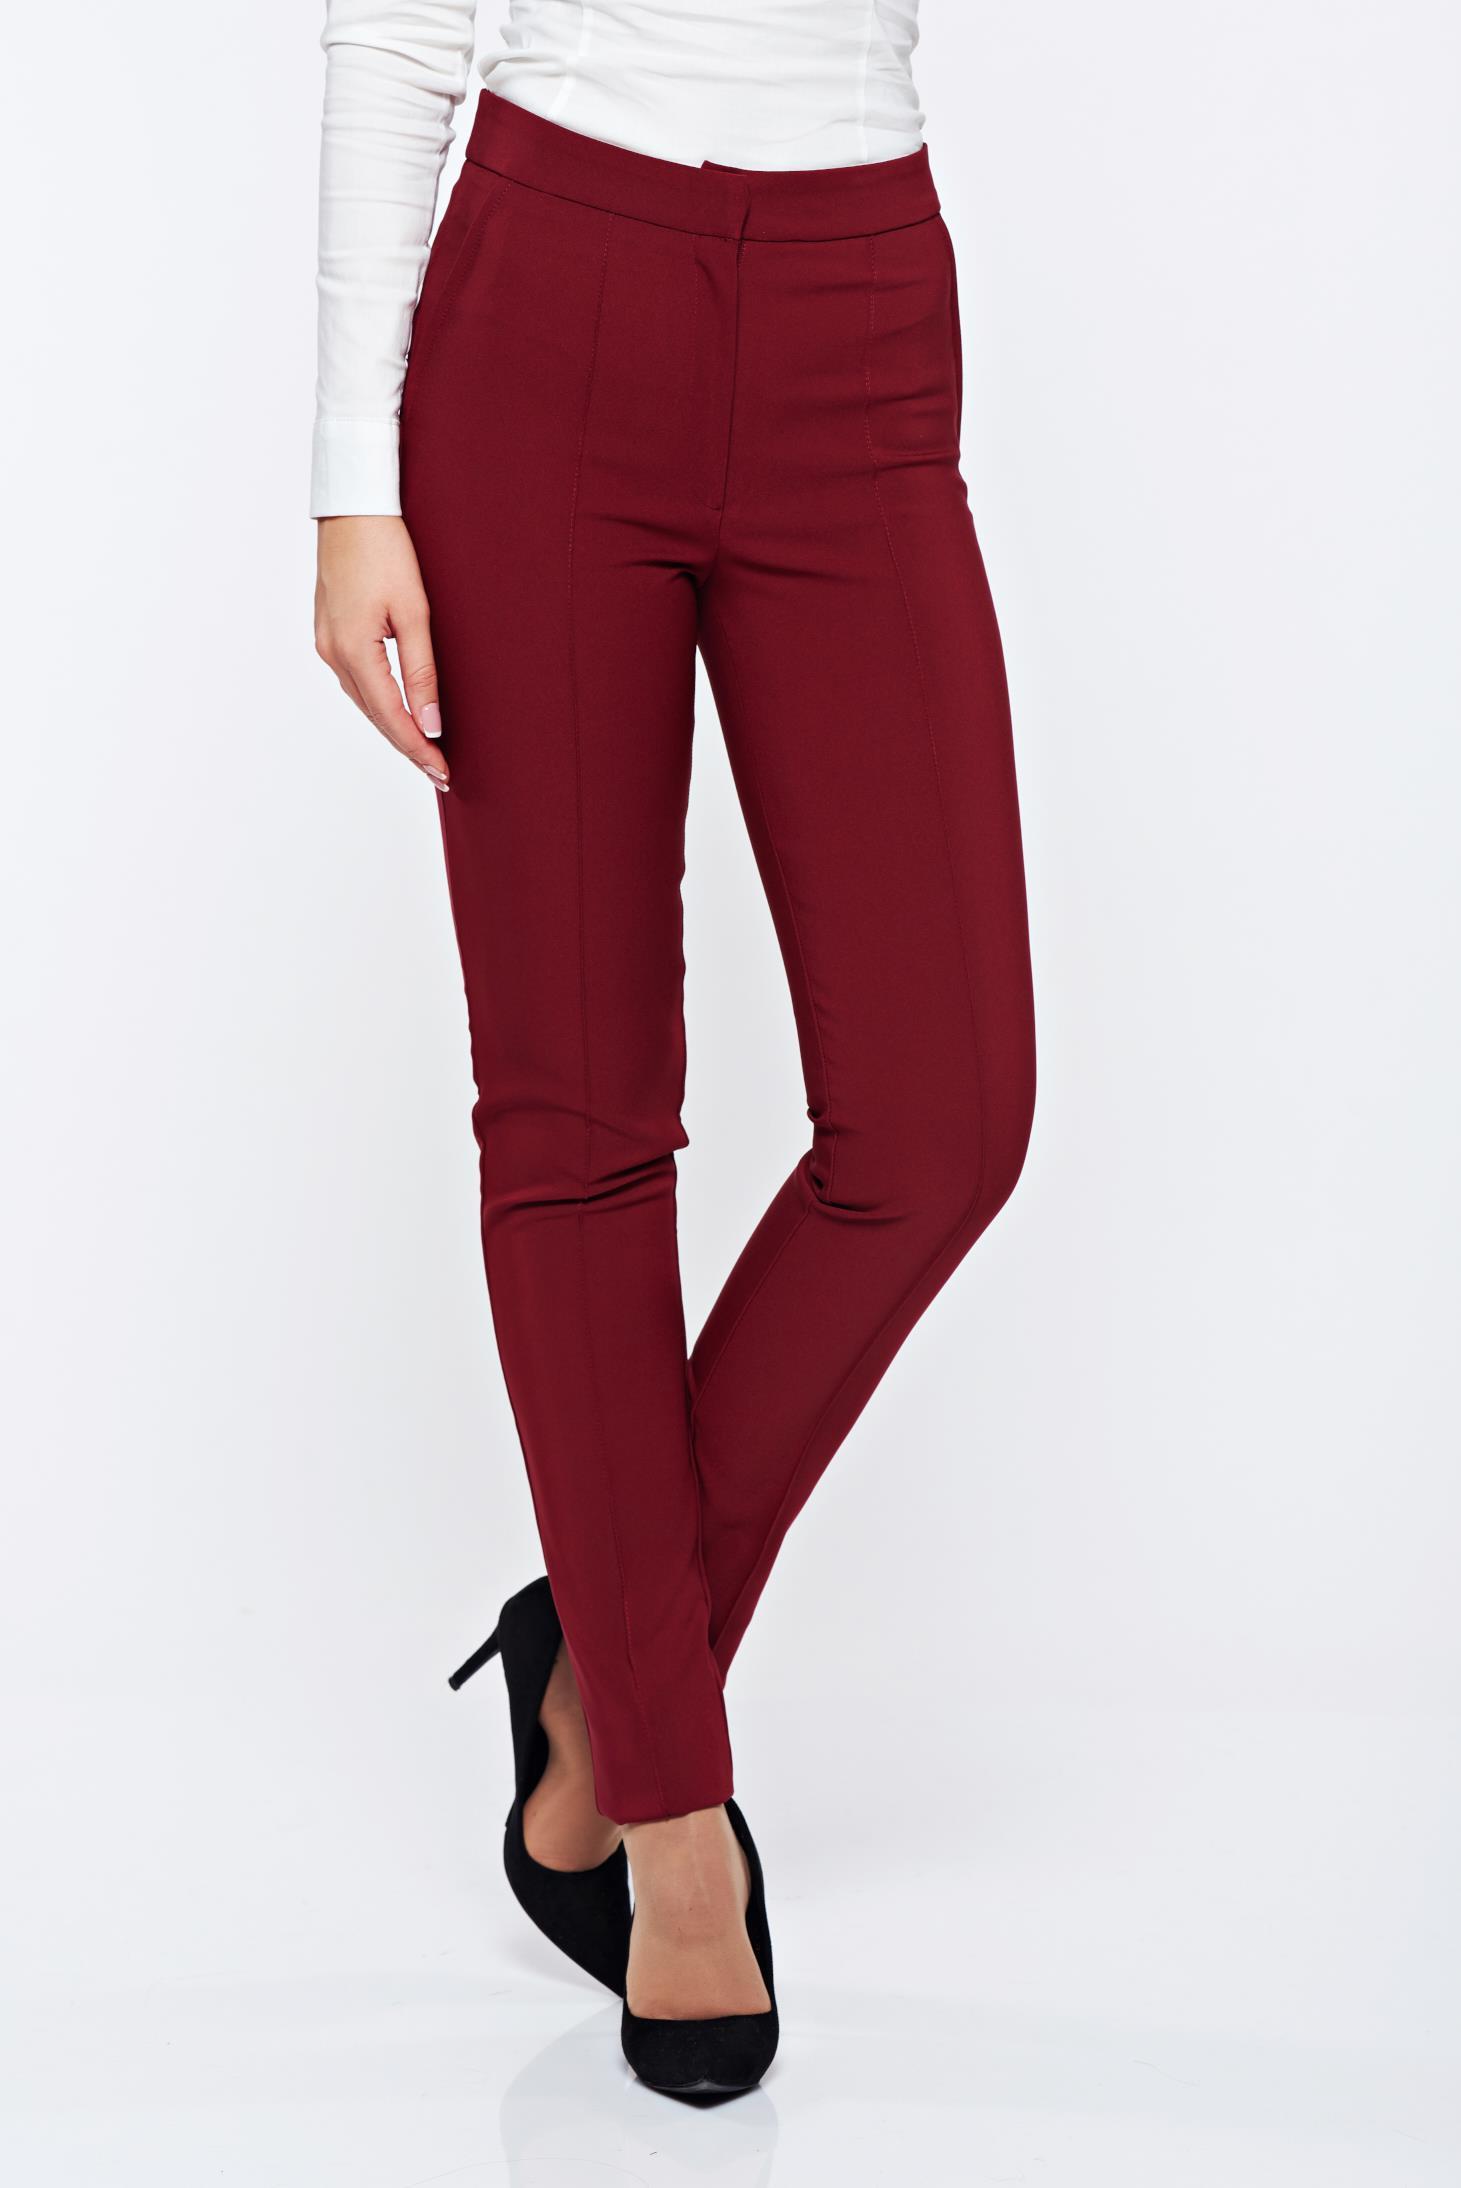 Pantaloni LaDonna visinii office conici cu buzunare